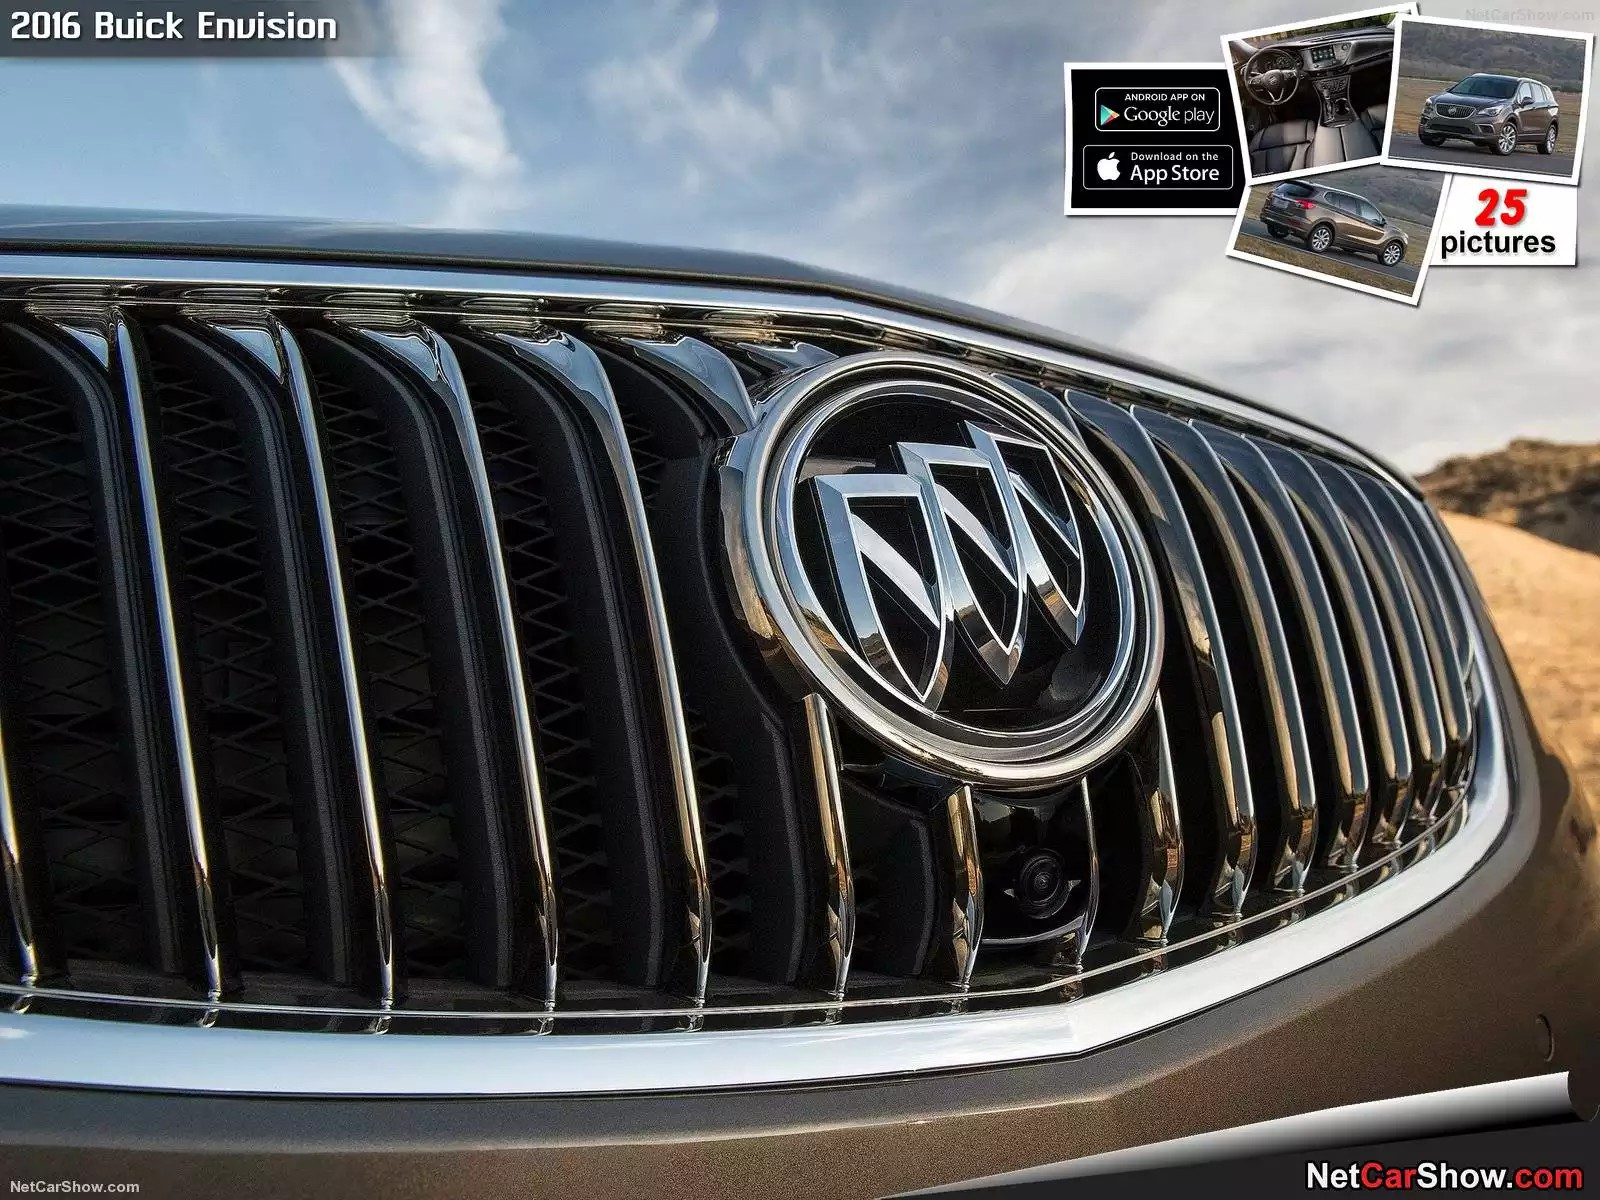 Hình ảnh xe ô tô Buick Envision 2016 & nội ngoại thất